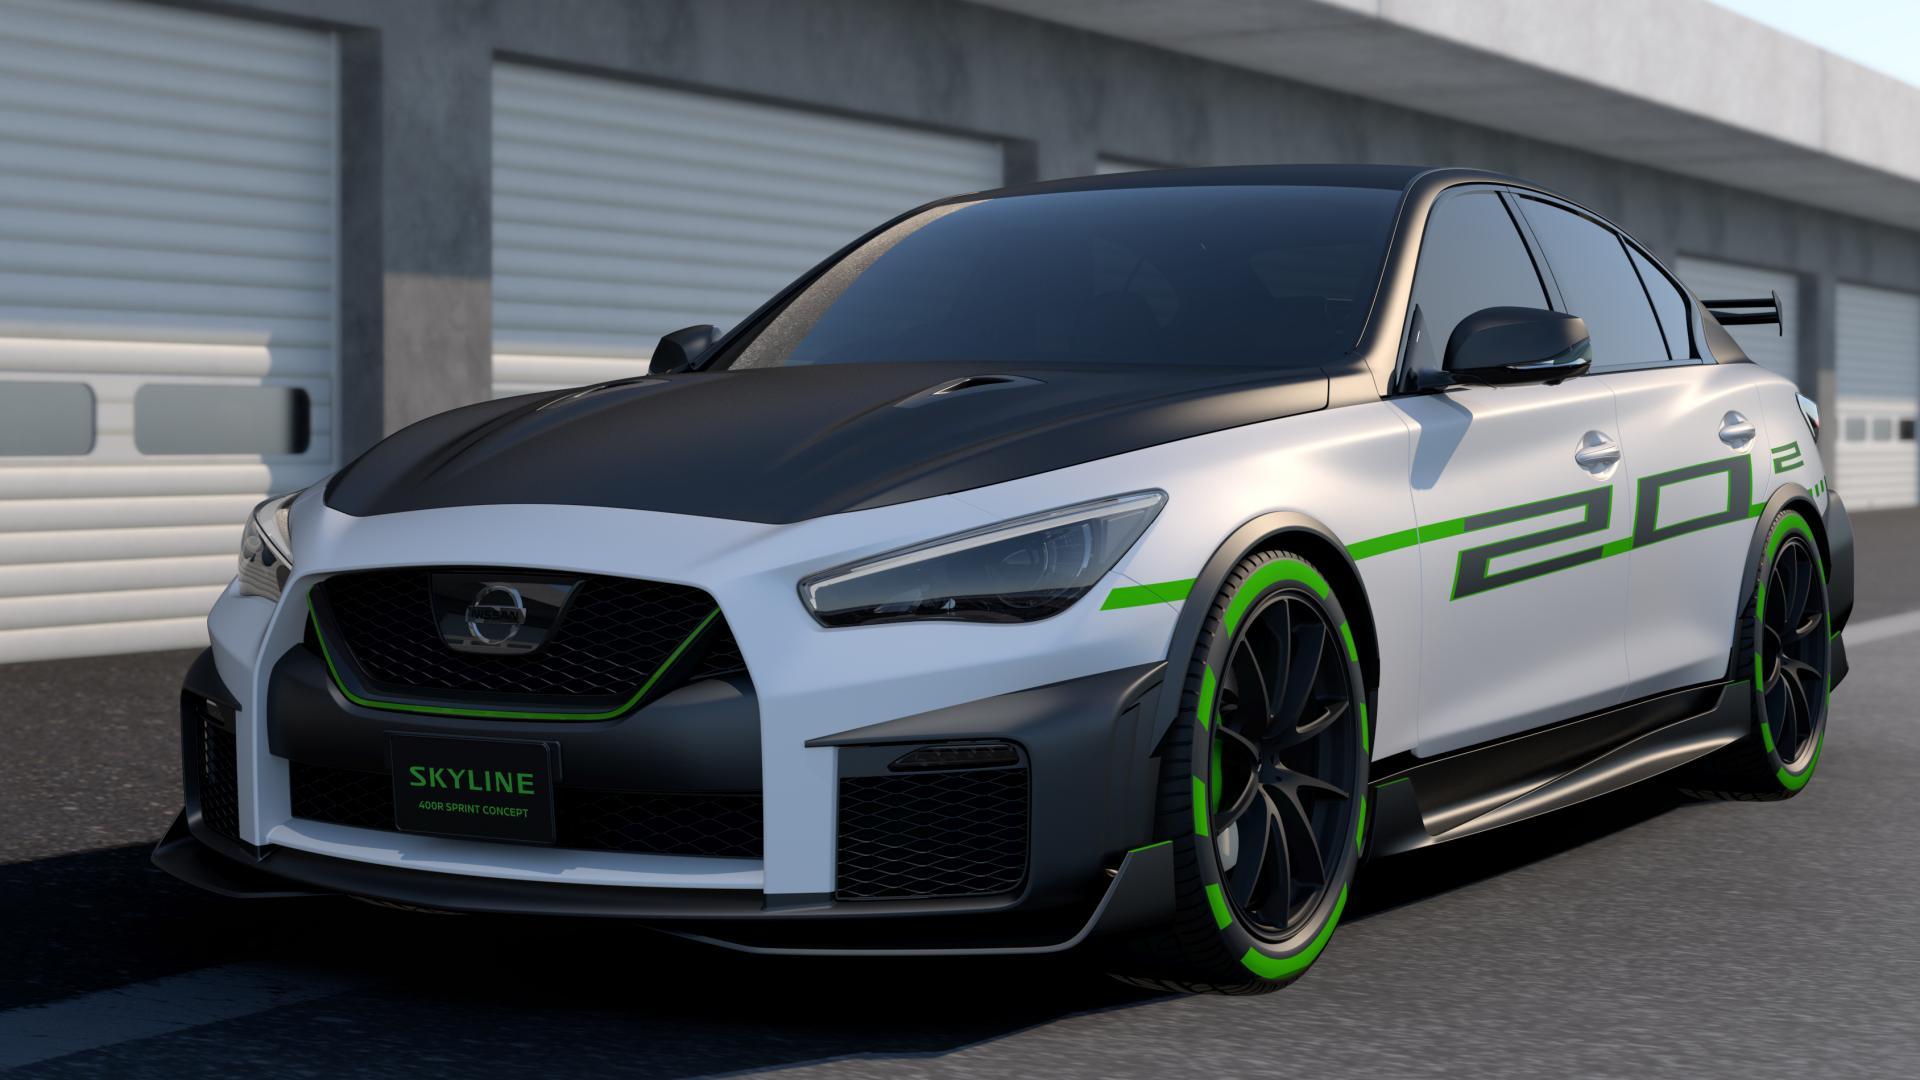 Nissan-Skyline-400R-Sprint-Concept